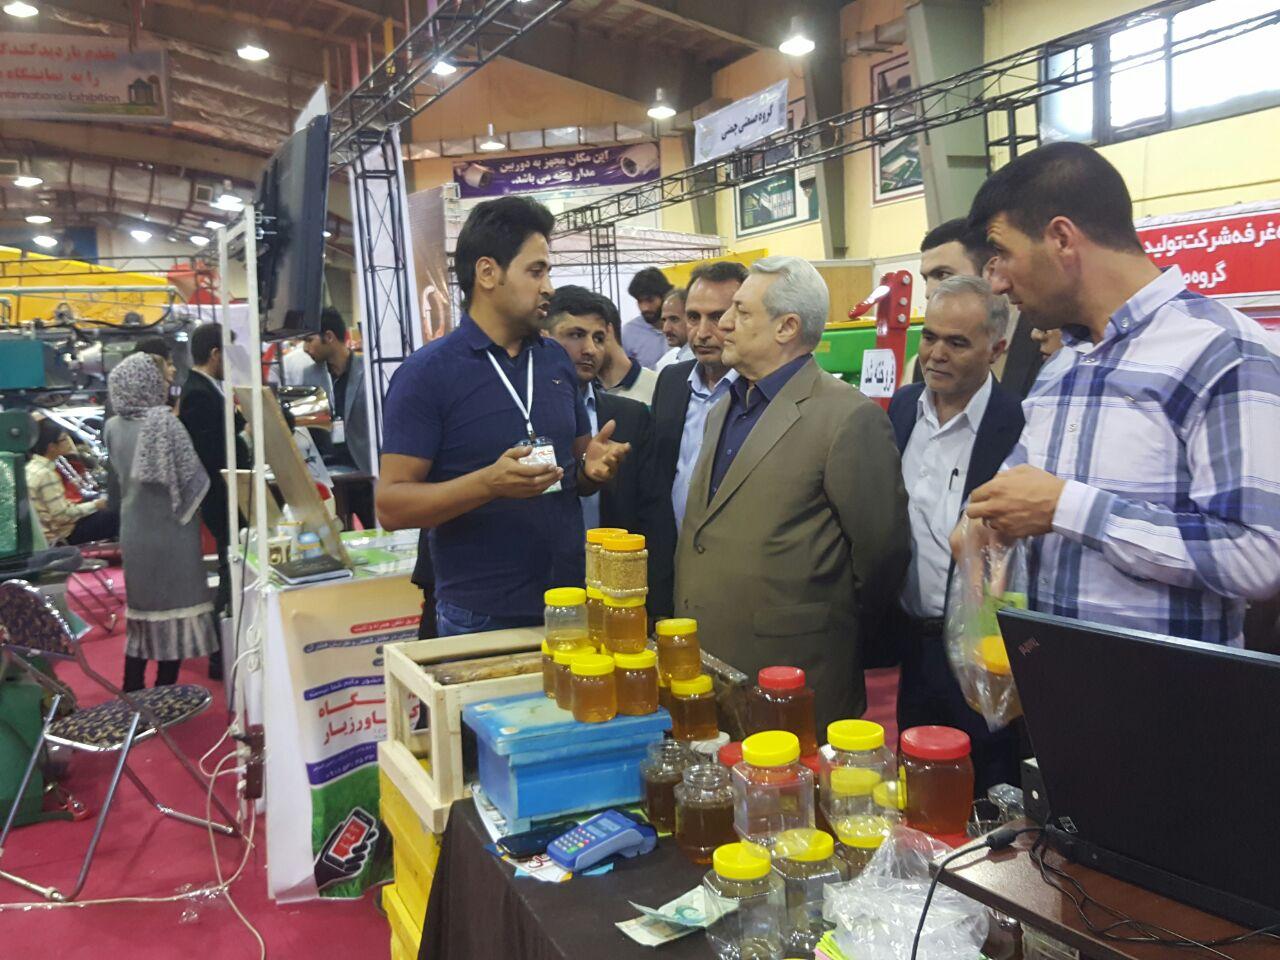 حضور در نمایشگاه بین المللی تهران 2017 به عنوان شرکت فناور